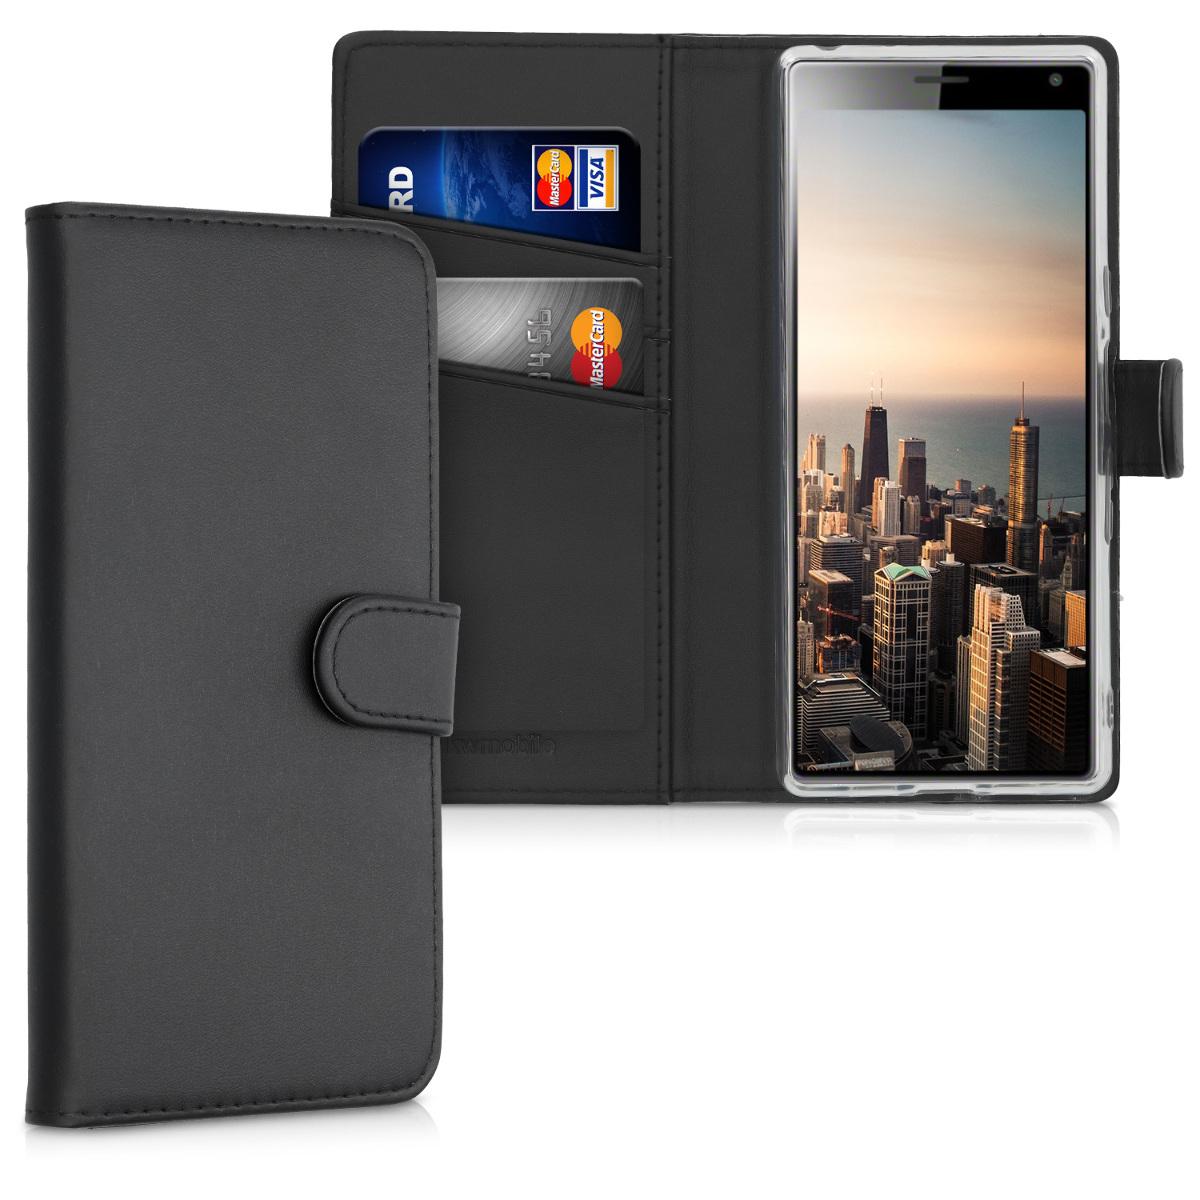 KW Θήκη Πορτοφόλι Sony Xperia 10 - Black (49892.01)